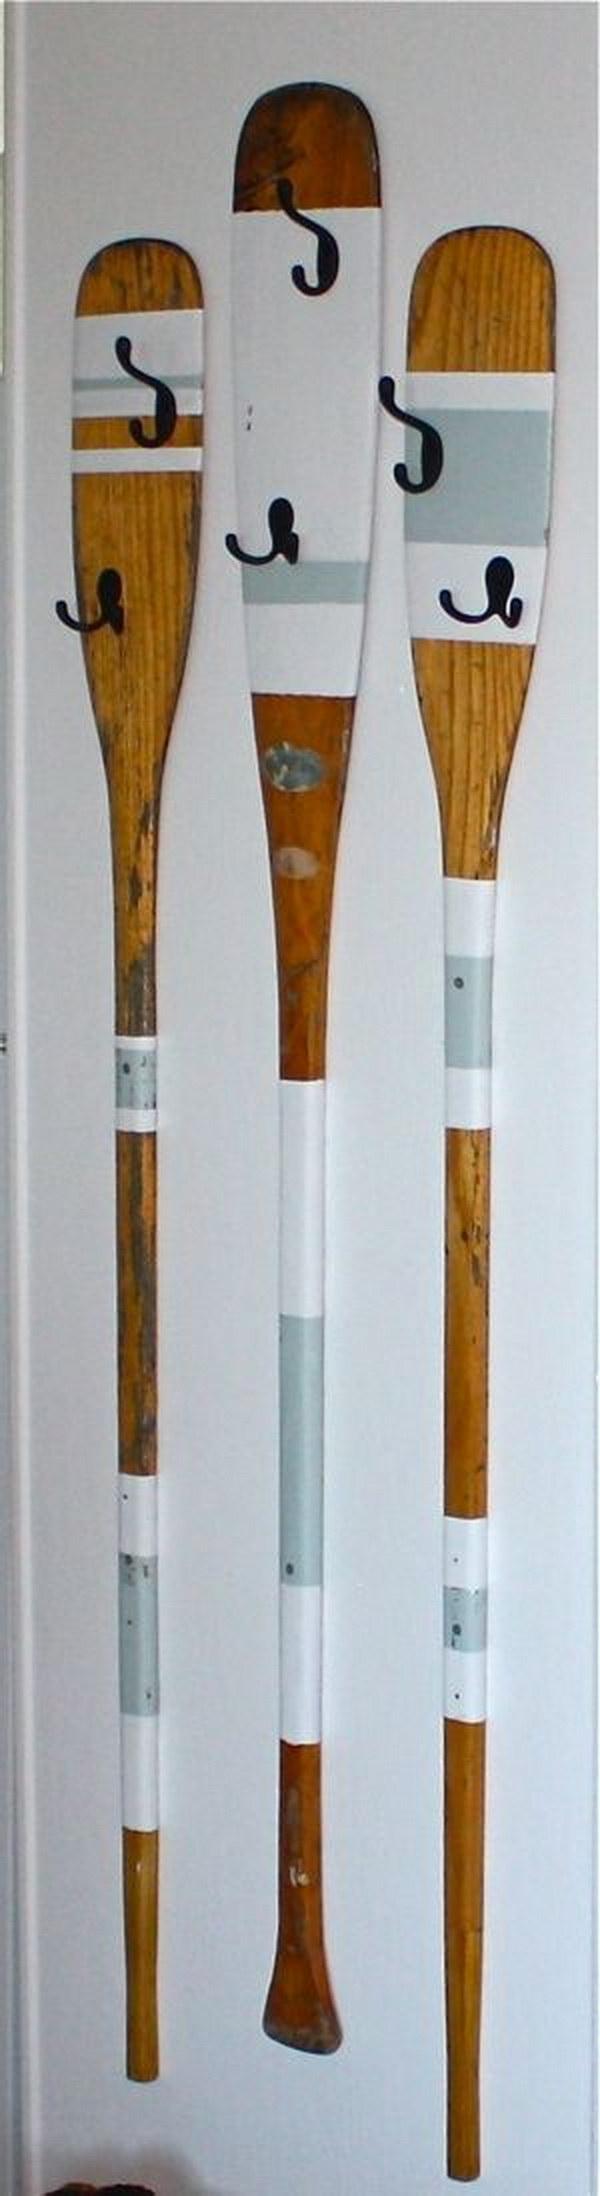 Upcycled Rowing Oars Coat Hangers